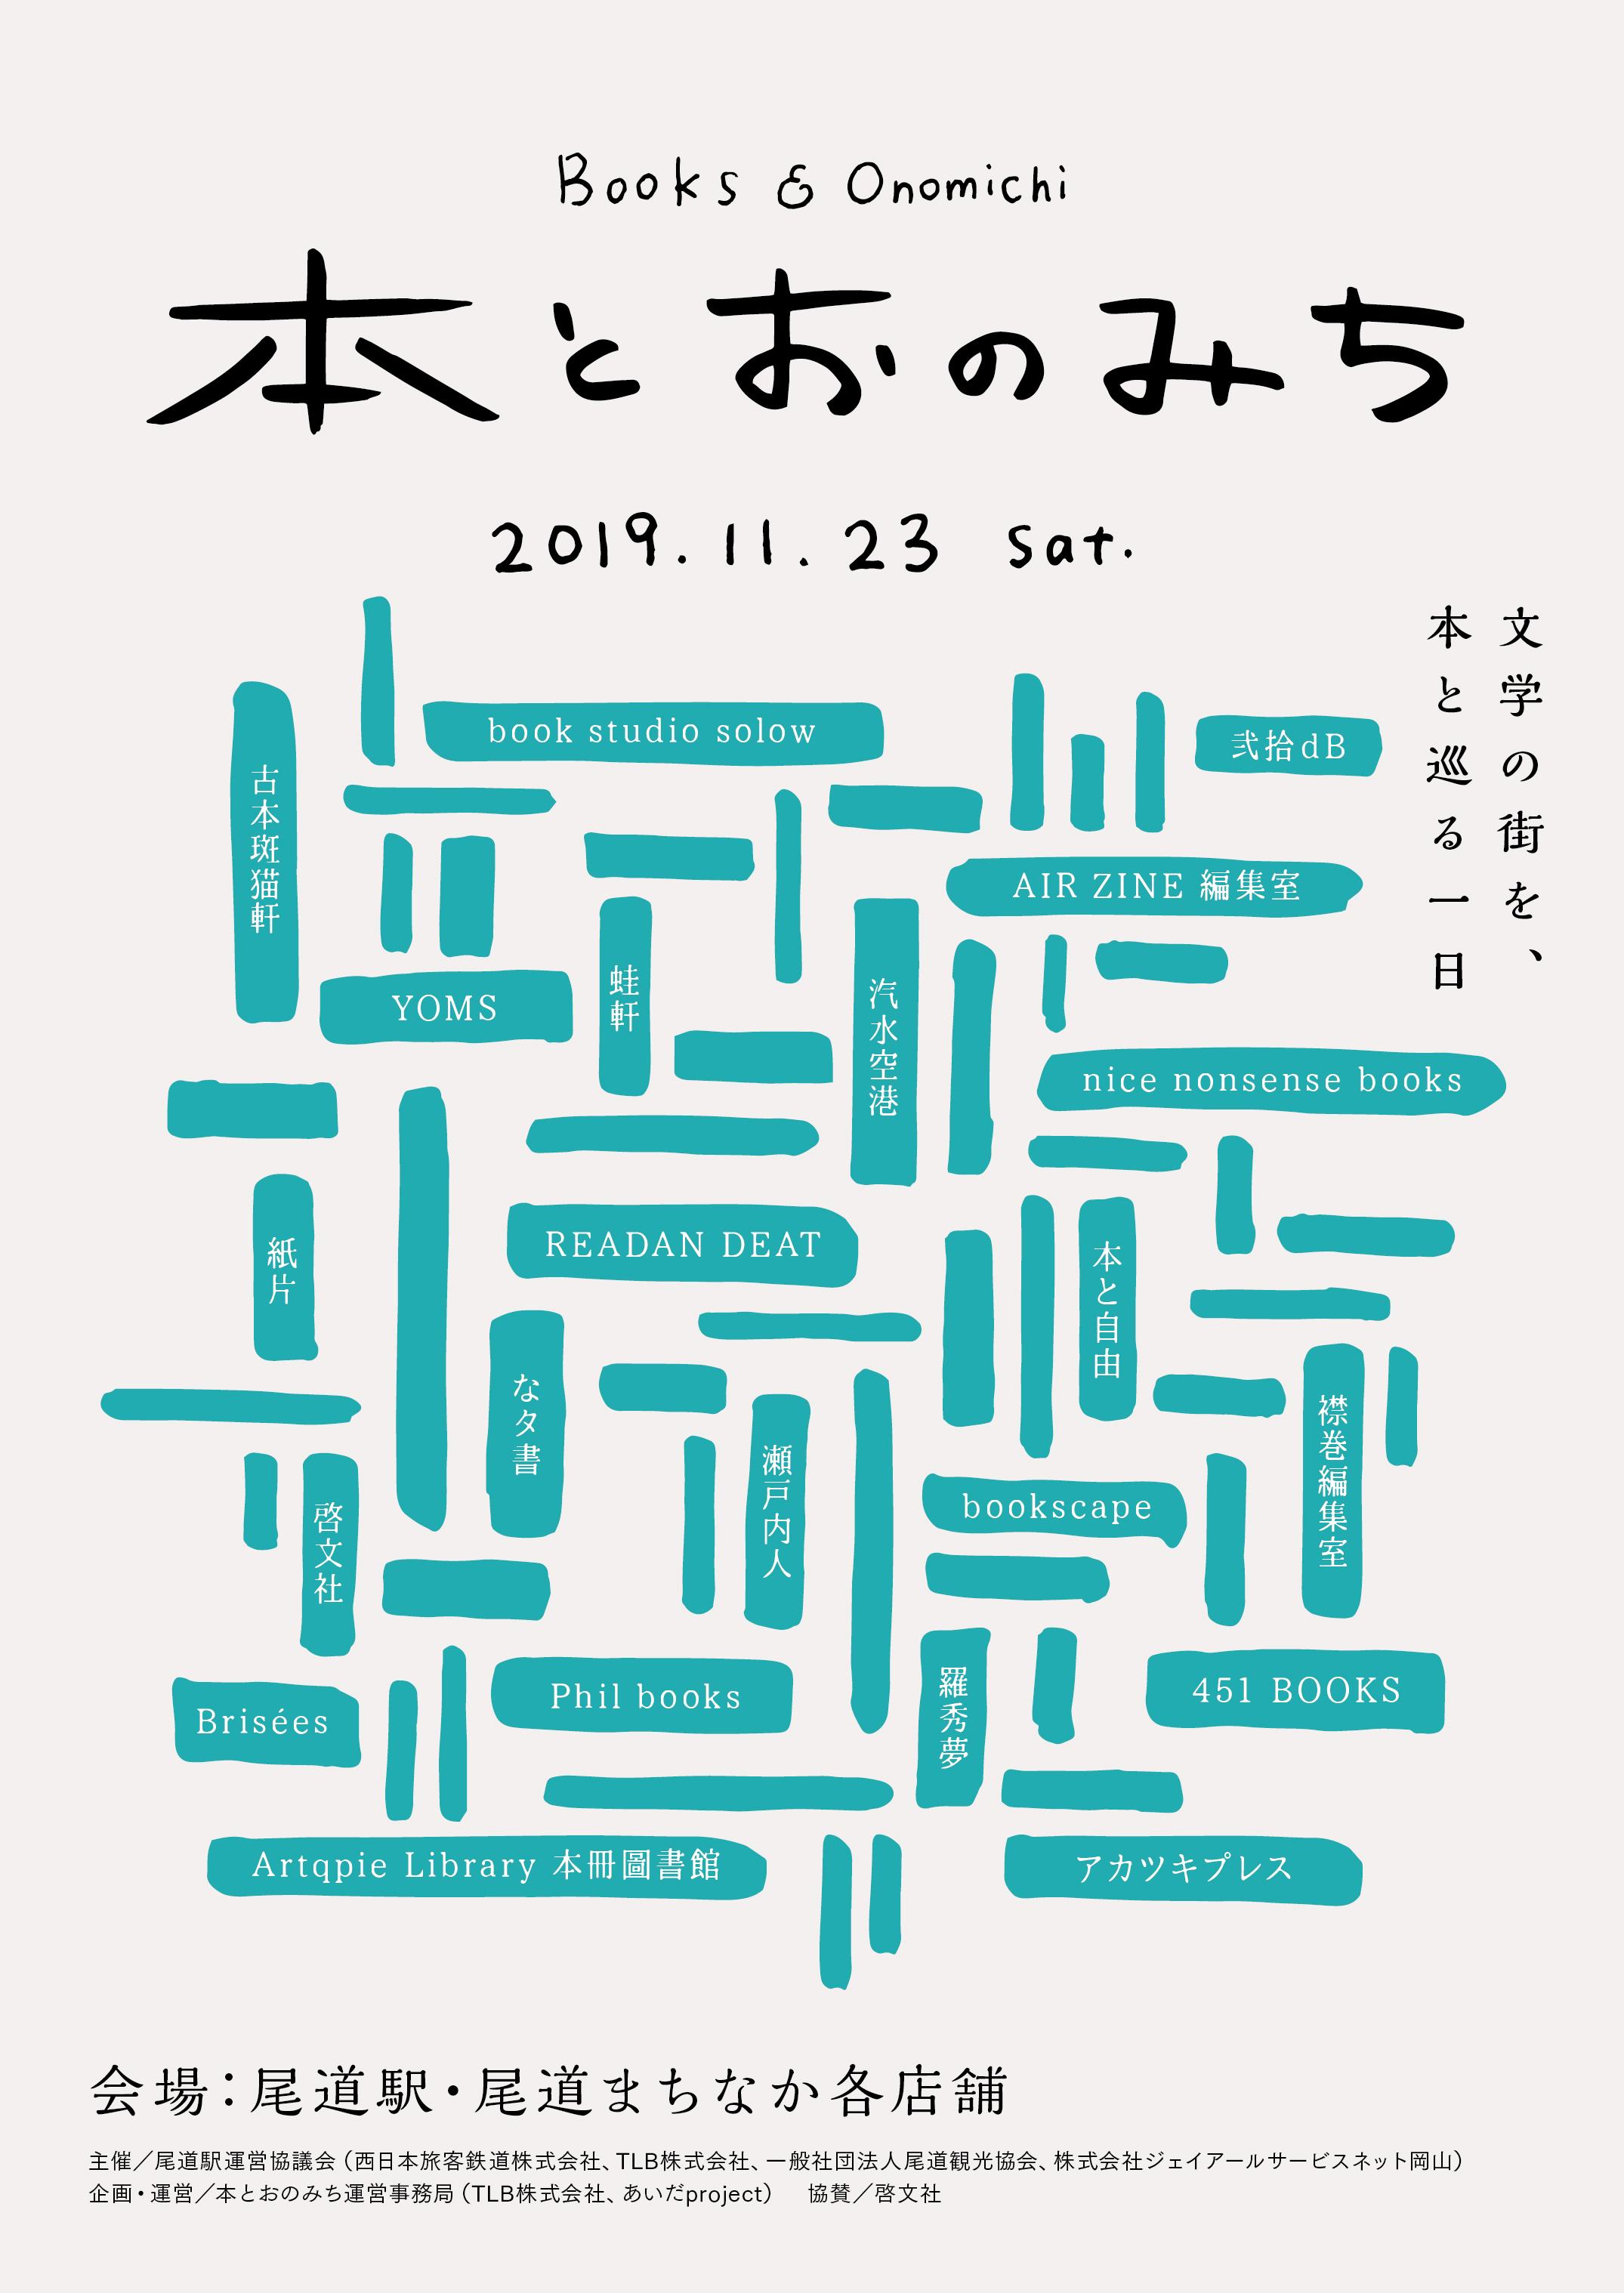 ブックイベント「本とおのみち」文学のまち尾道で2019年11月23日(土)に開催。瀬戸内エリアの個性派書店が尾道に集まる